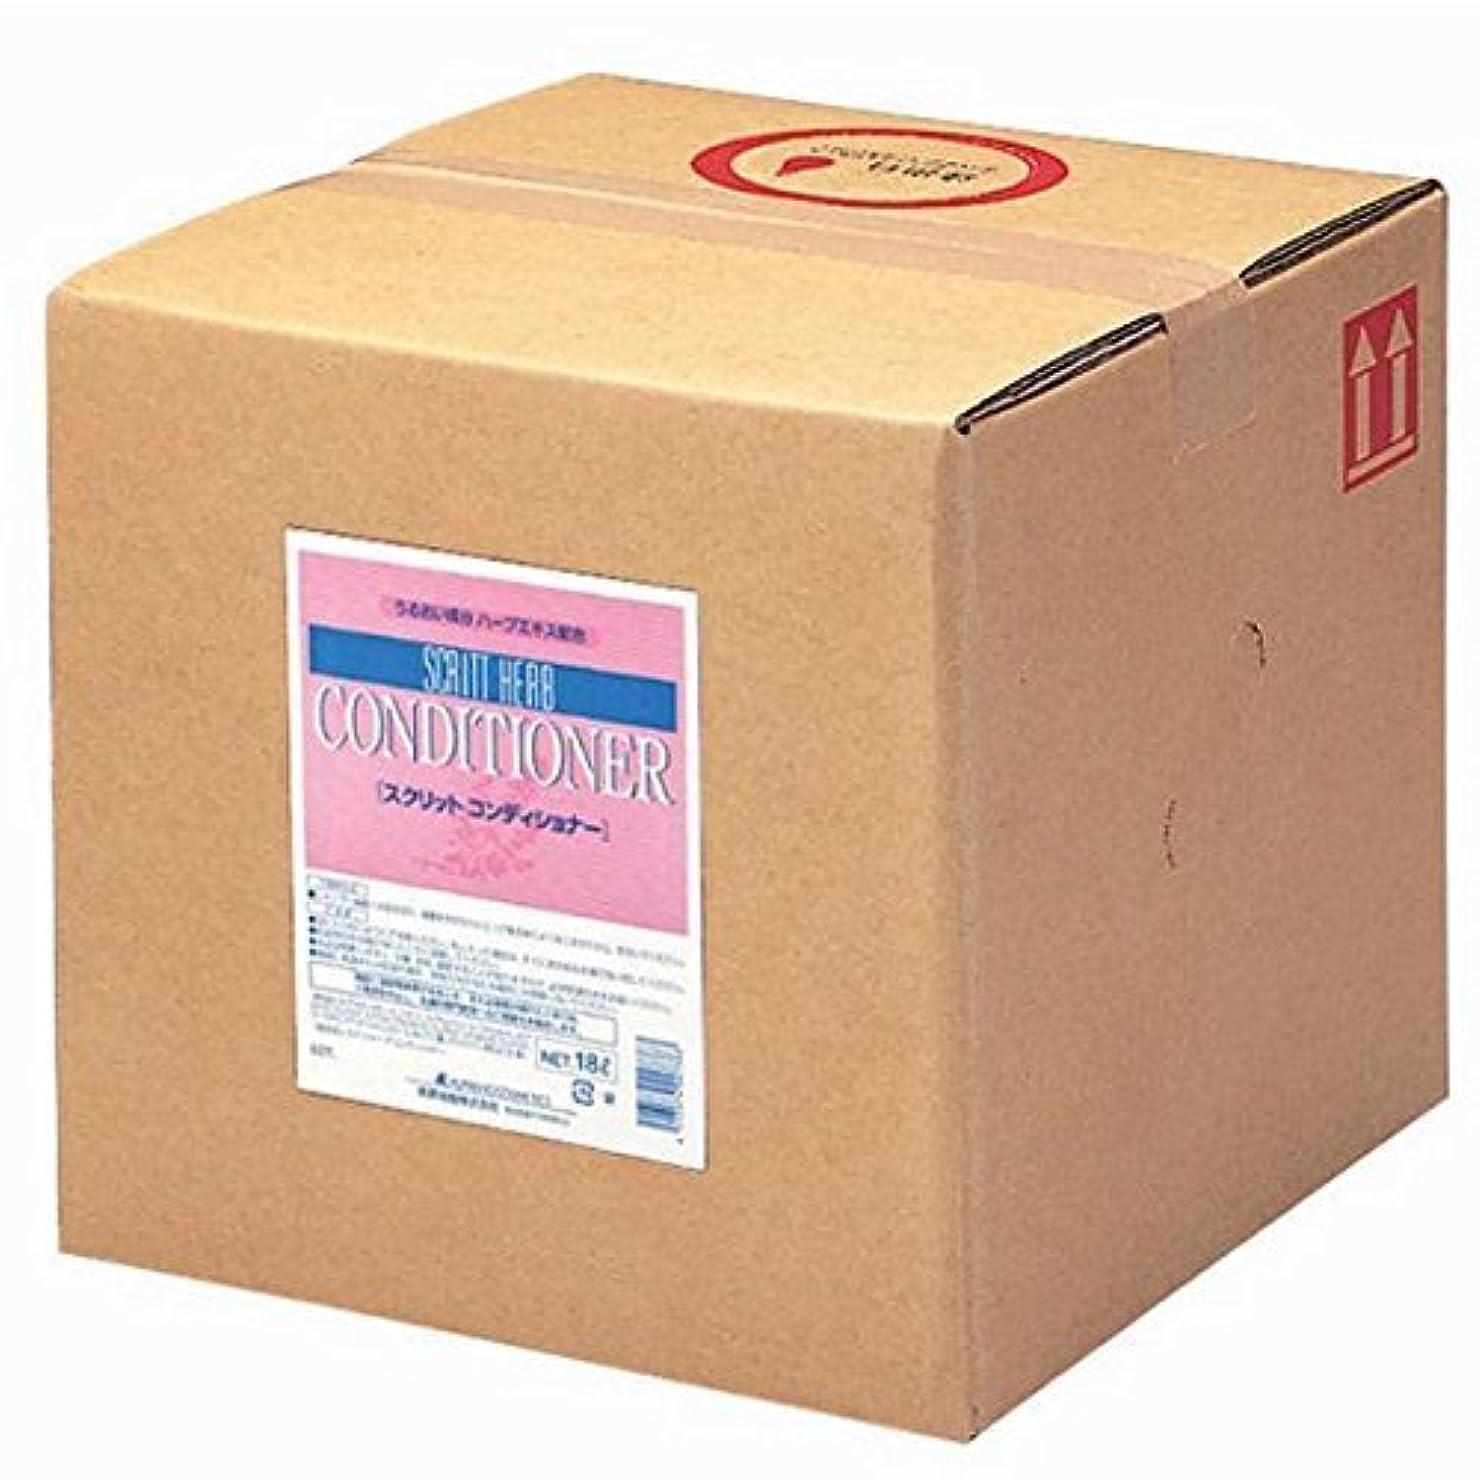 教義シーン試す業務用 スクリット(SCRITT) コンディショナー 18L 熊野油脂 (コック無し)